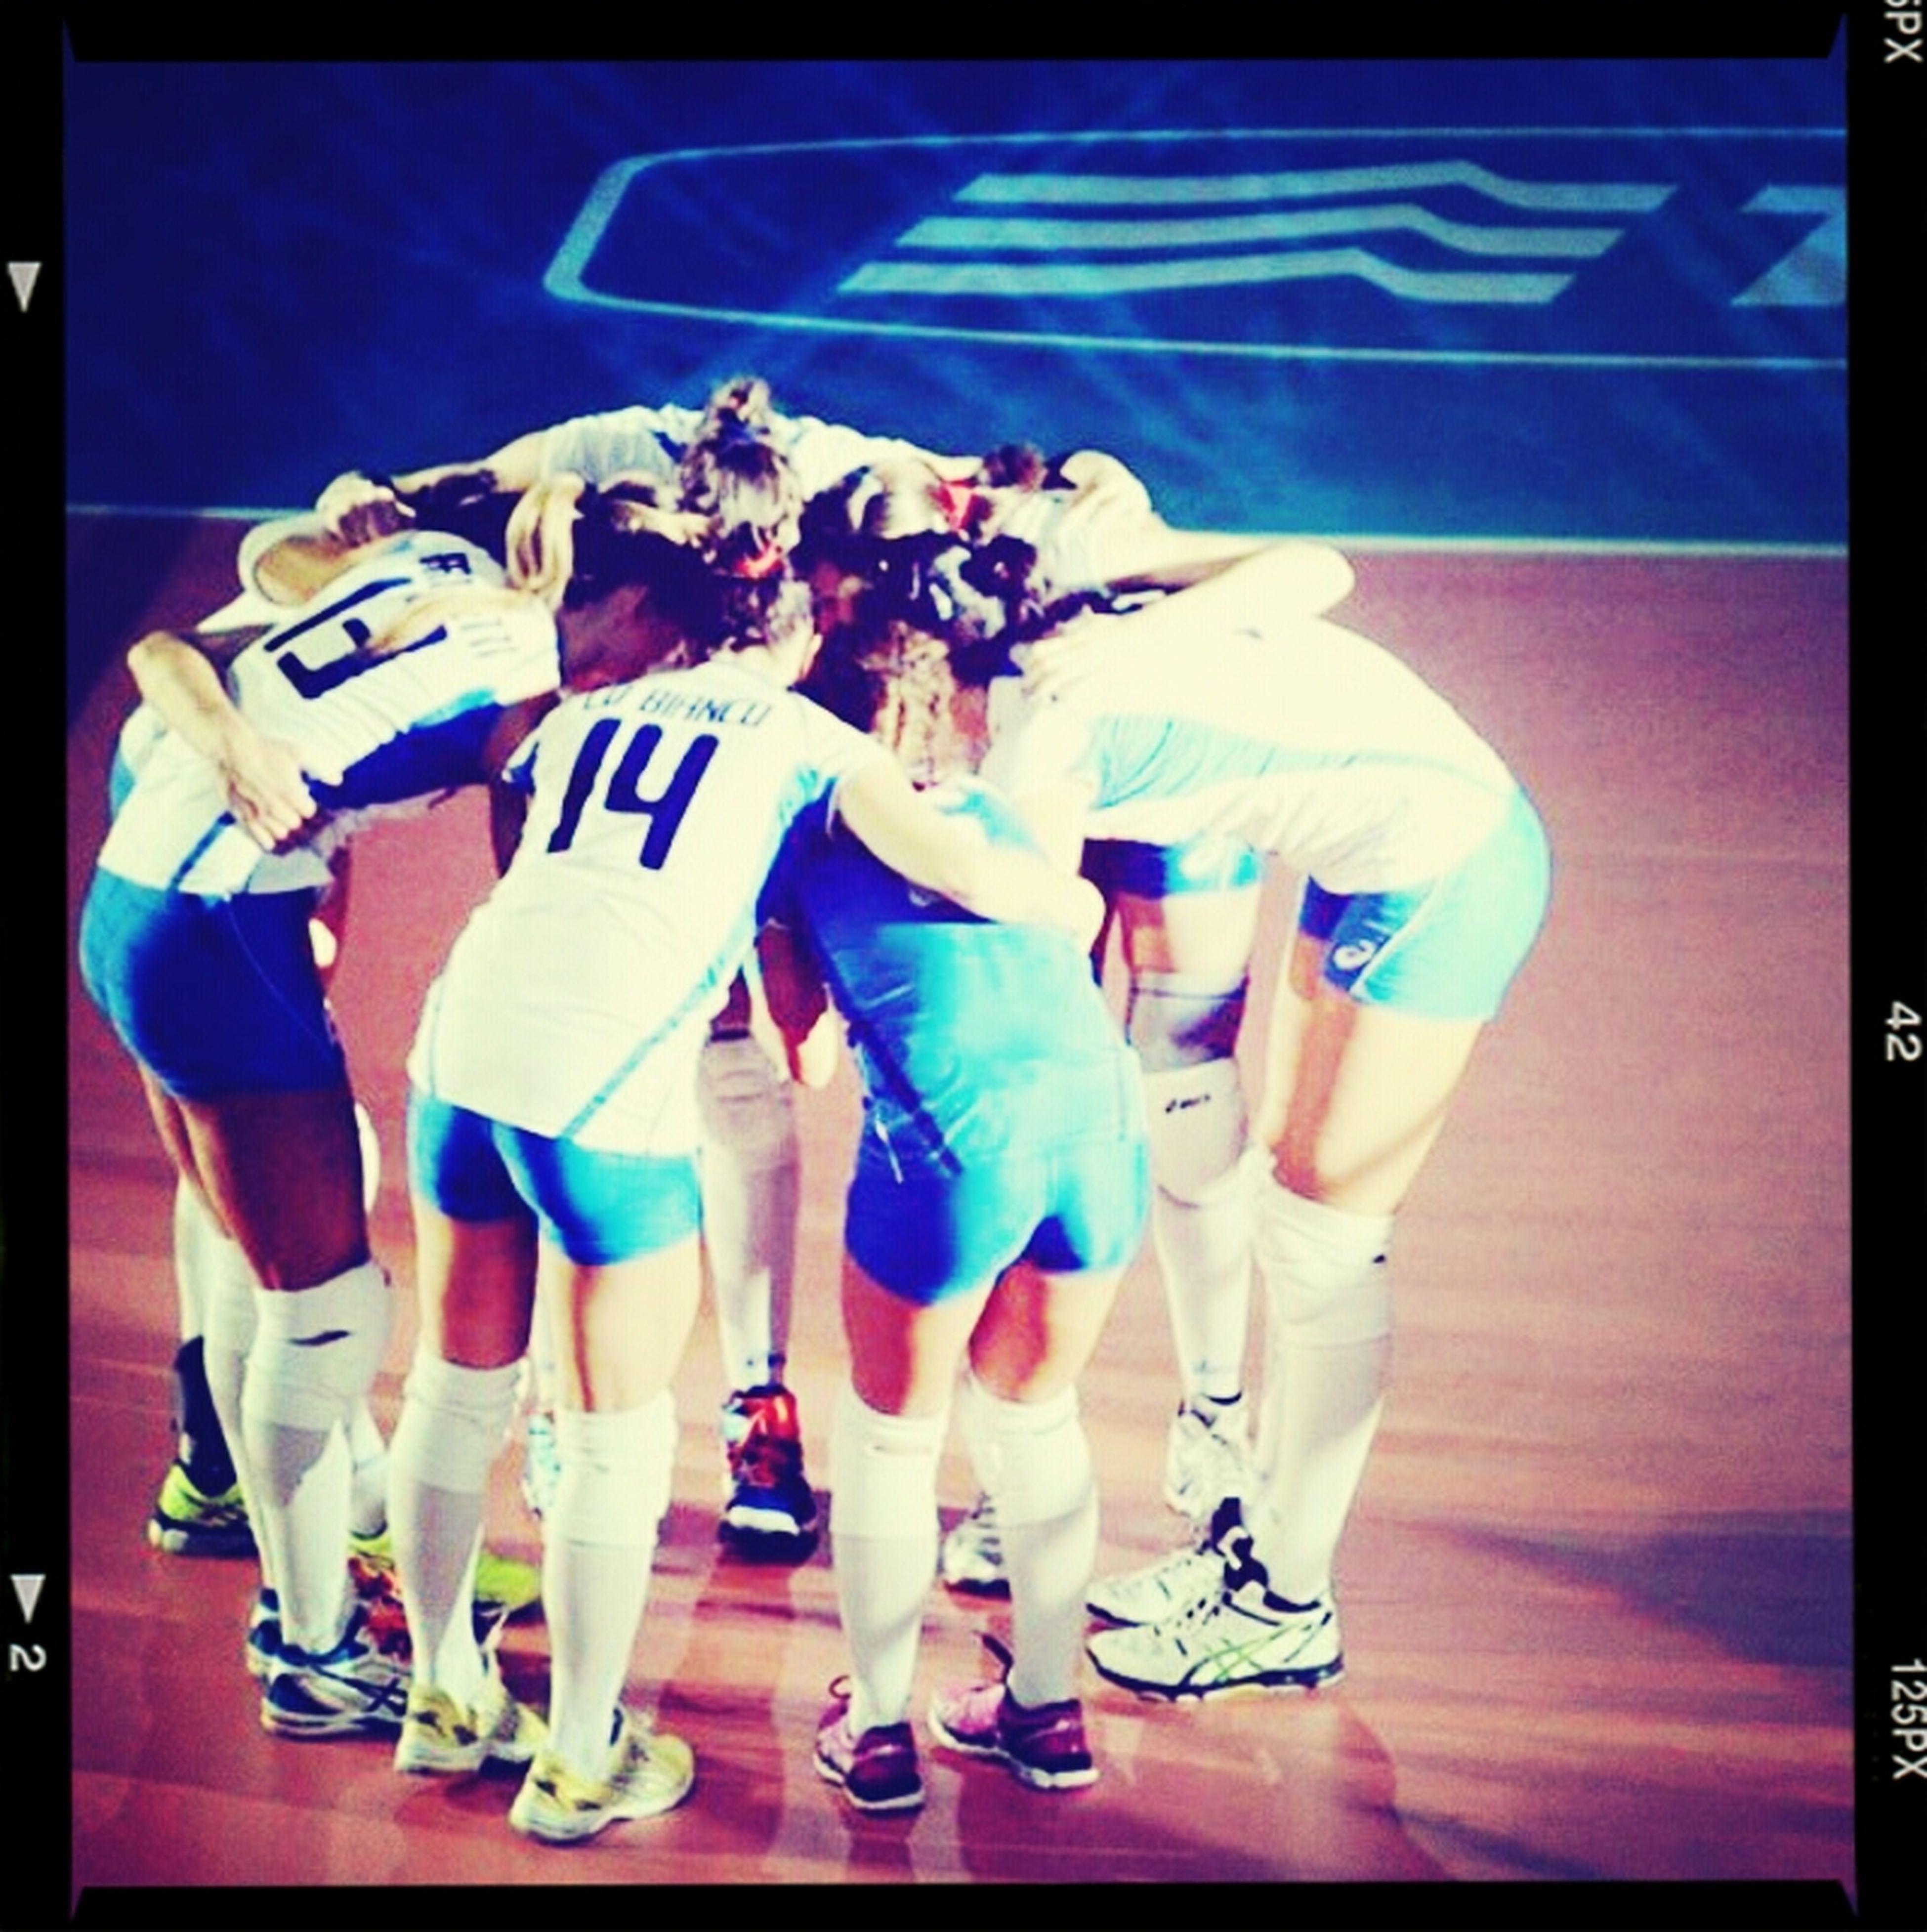 avete reso orgogliosa una Nazione intera. Grazie Ragazze. ♥ Italrosa Italvolley FIVBMensWCH Italy2014